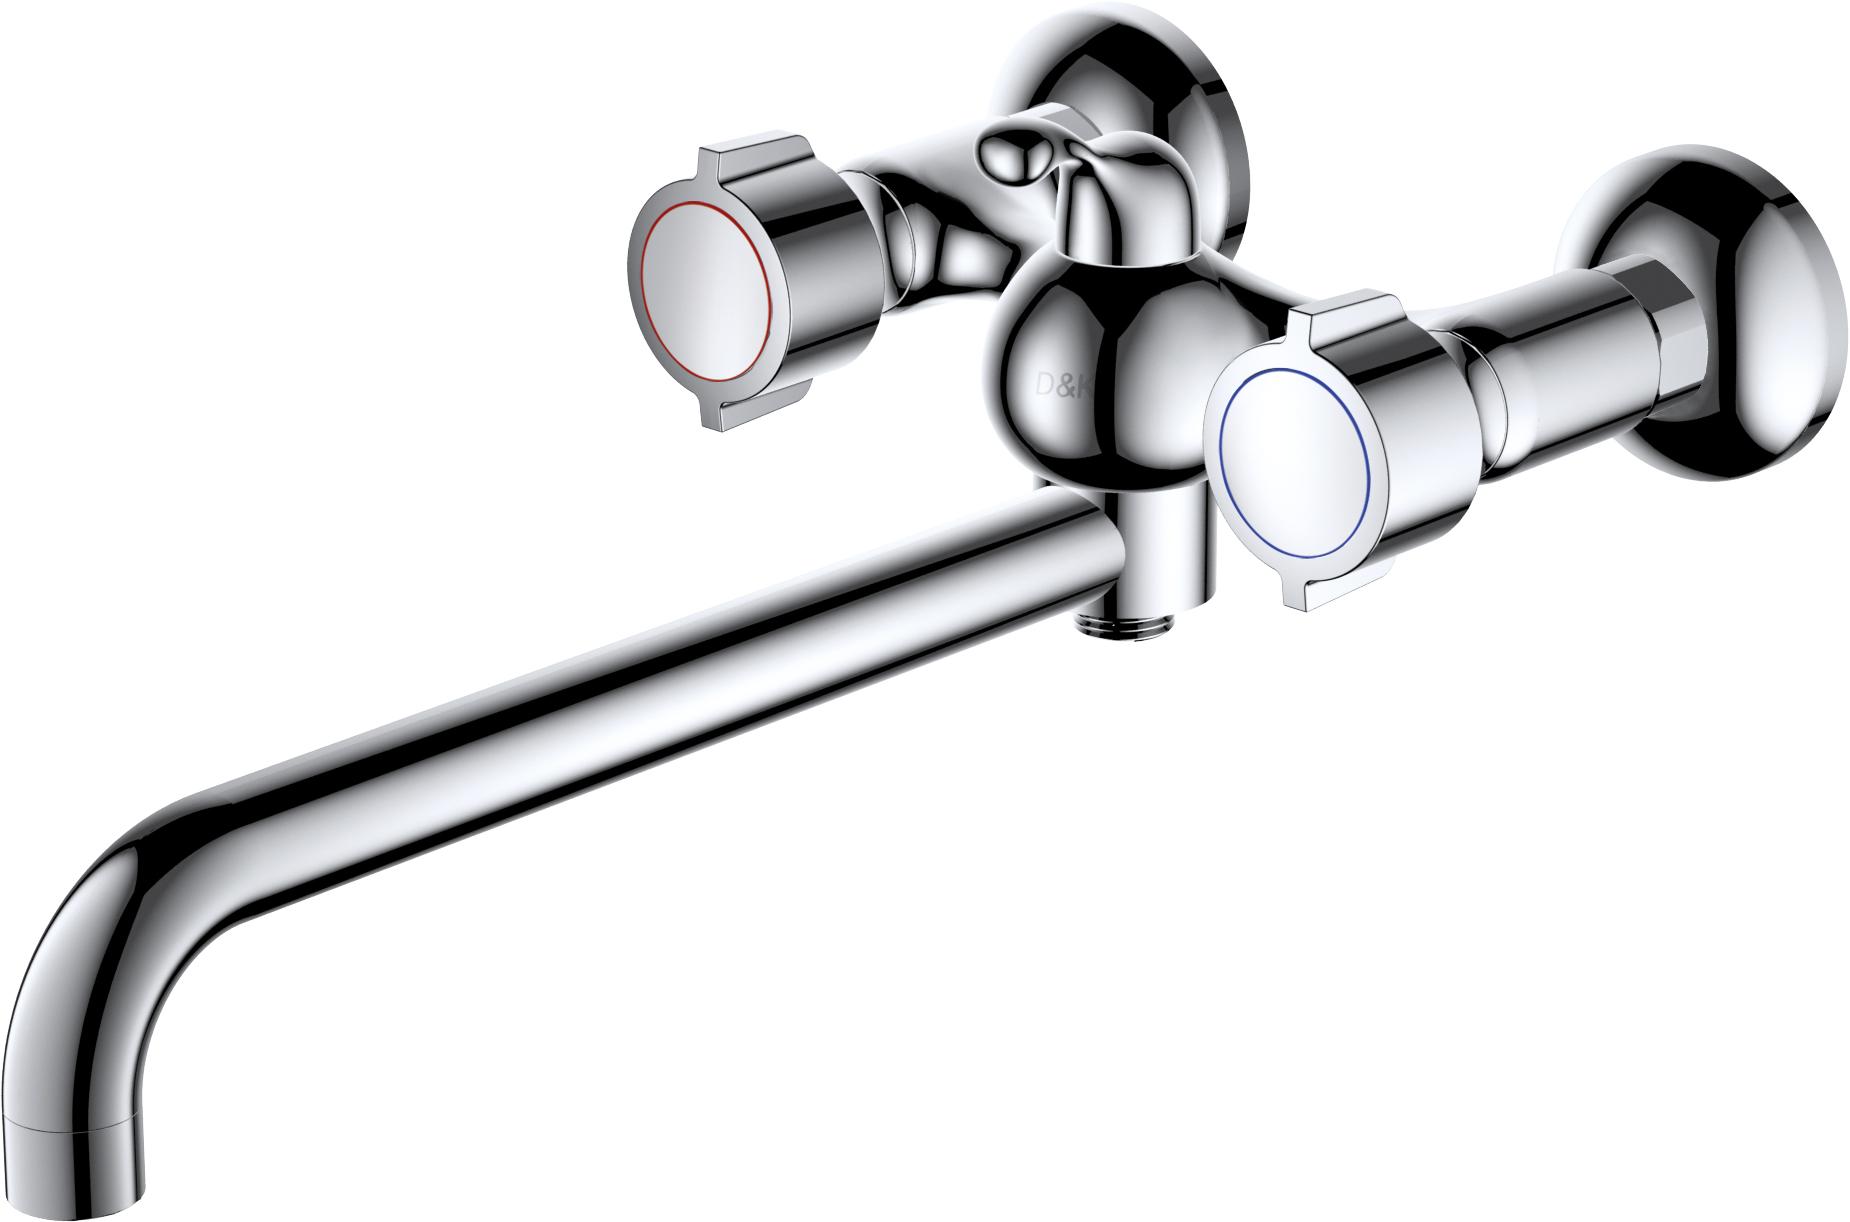 Смеситель для ванны с душем D&K Нessen.Torhall DA1413341 длинный излив хром